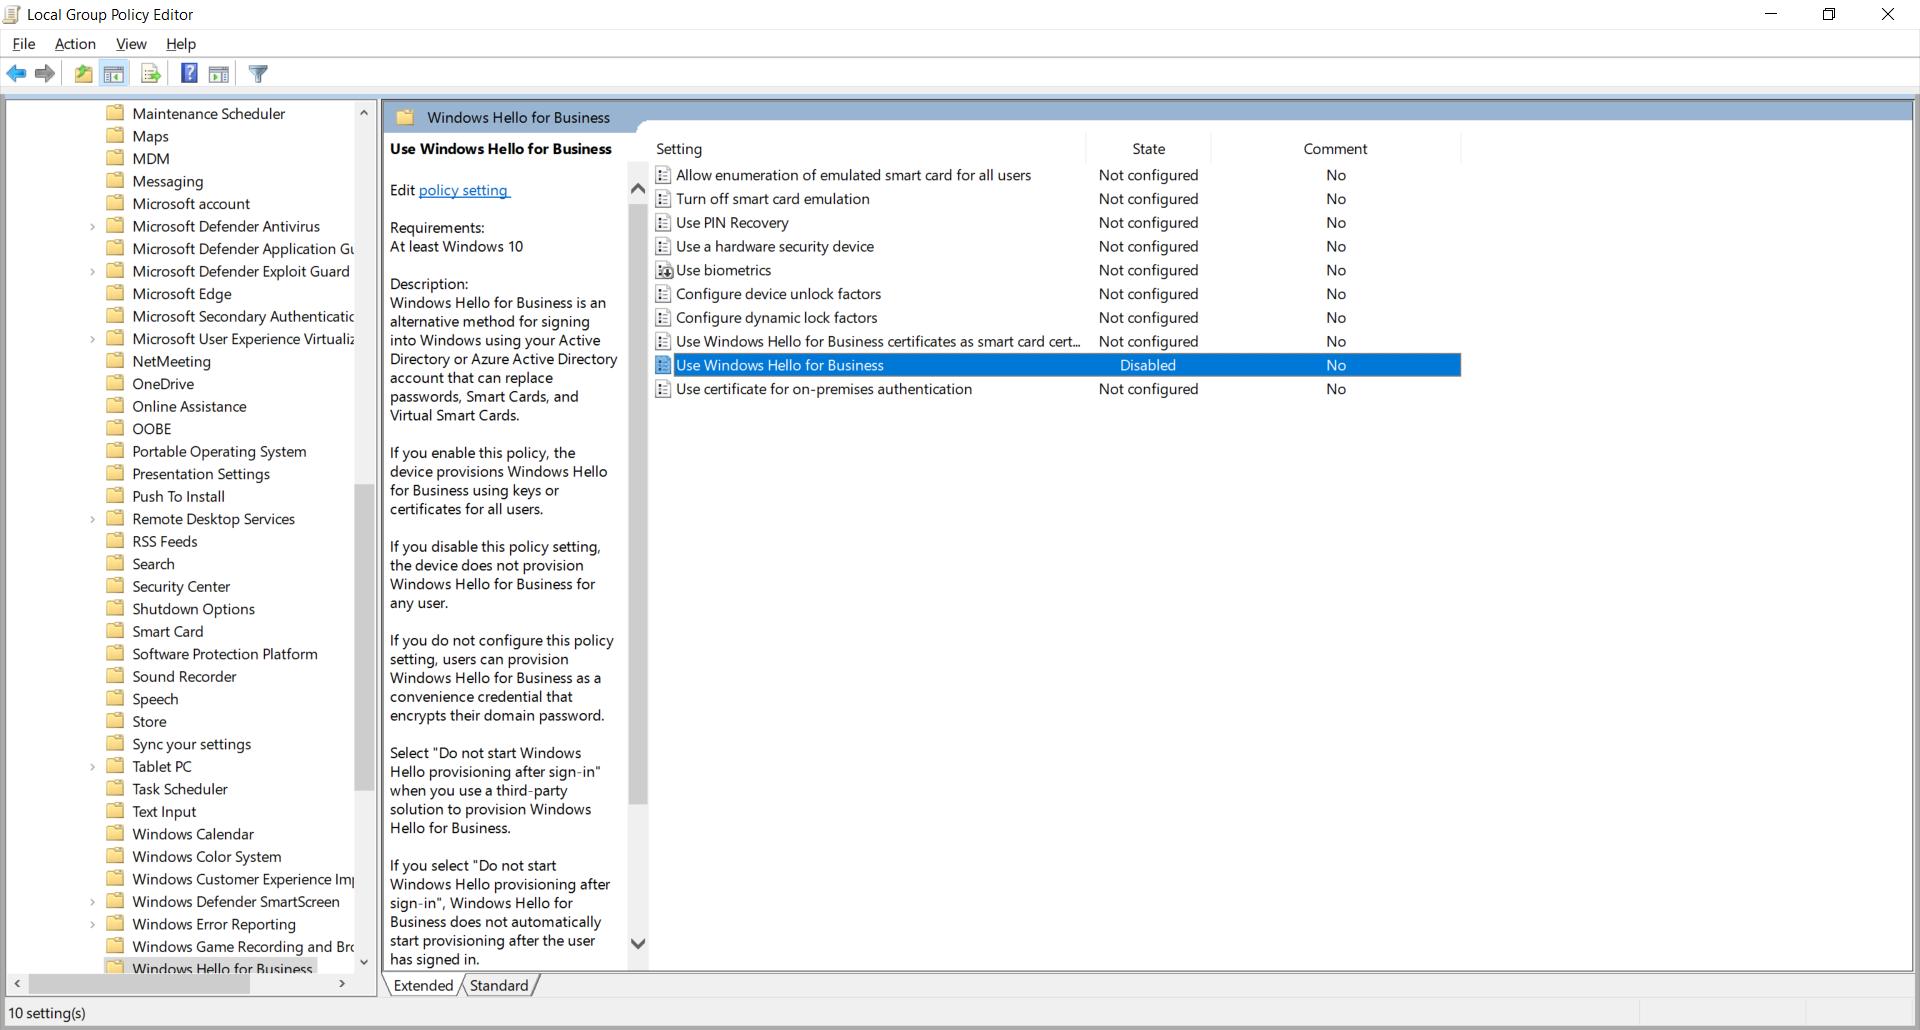 Diable Windows Hello at start-up on Windows 10